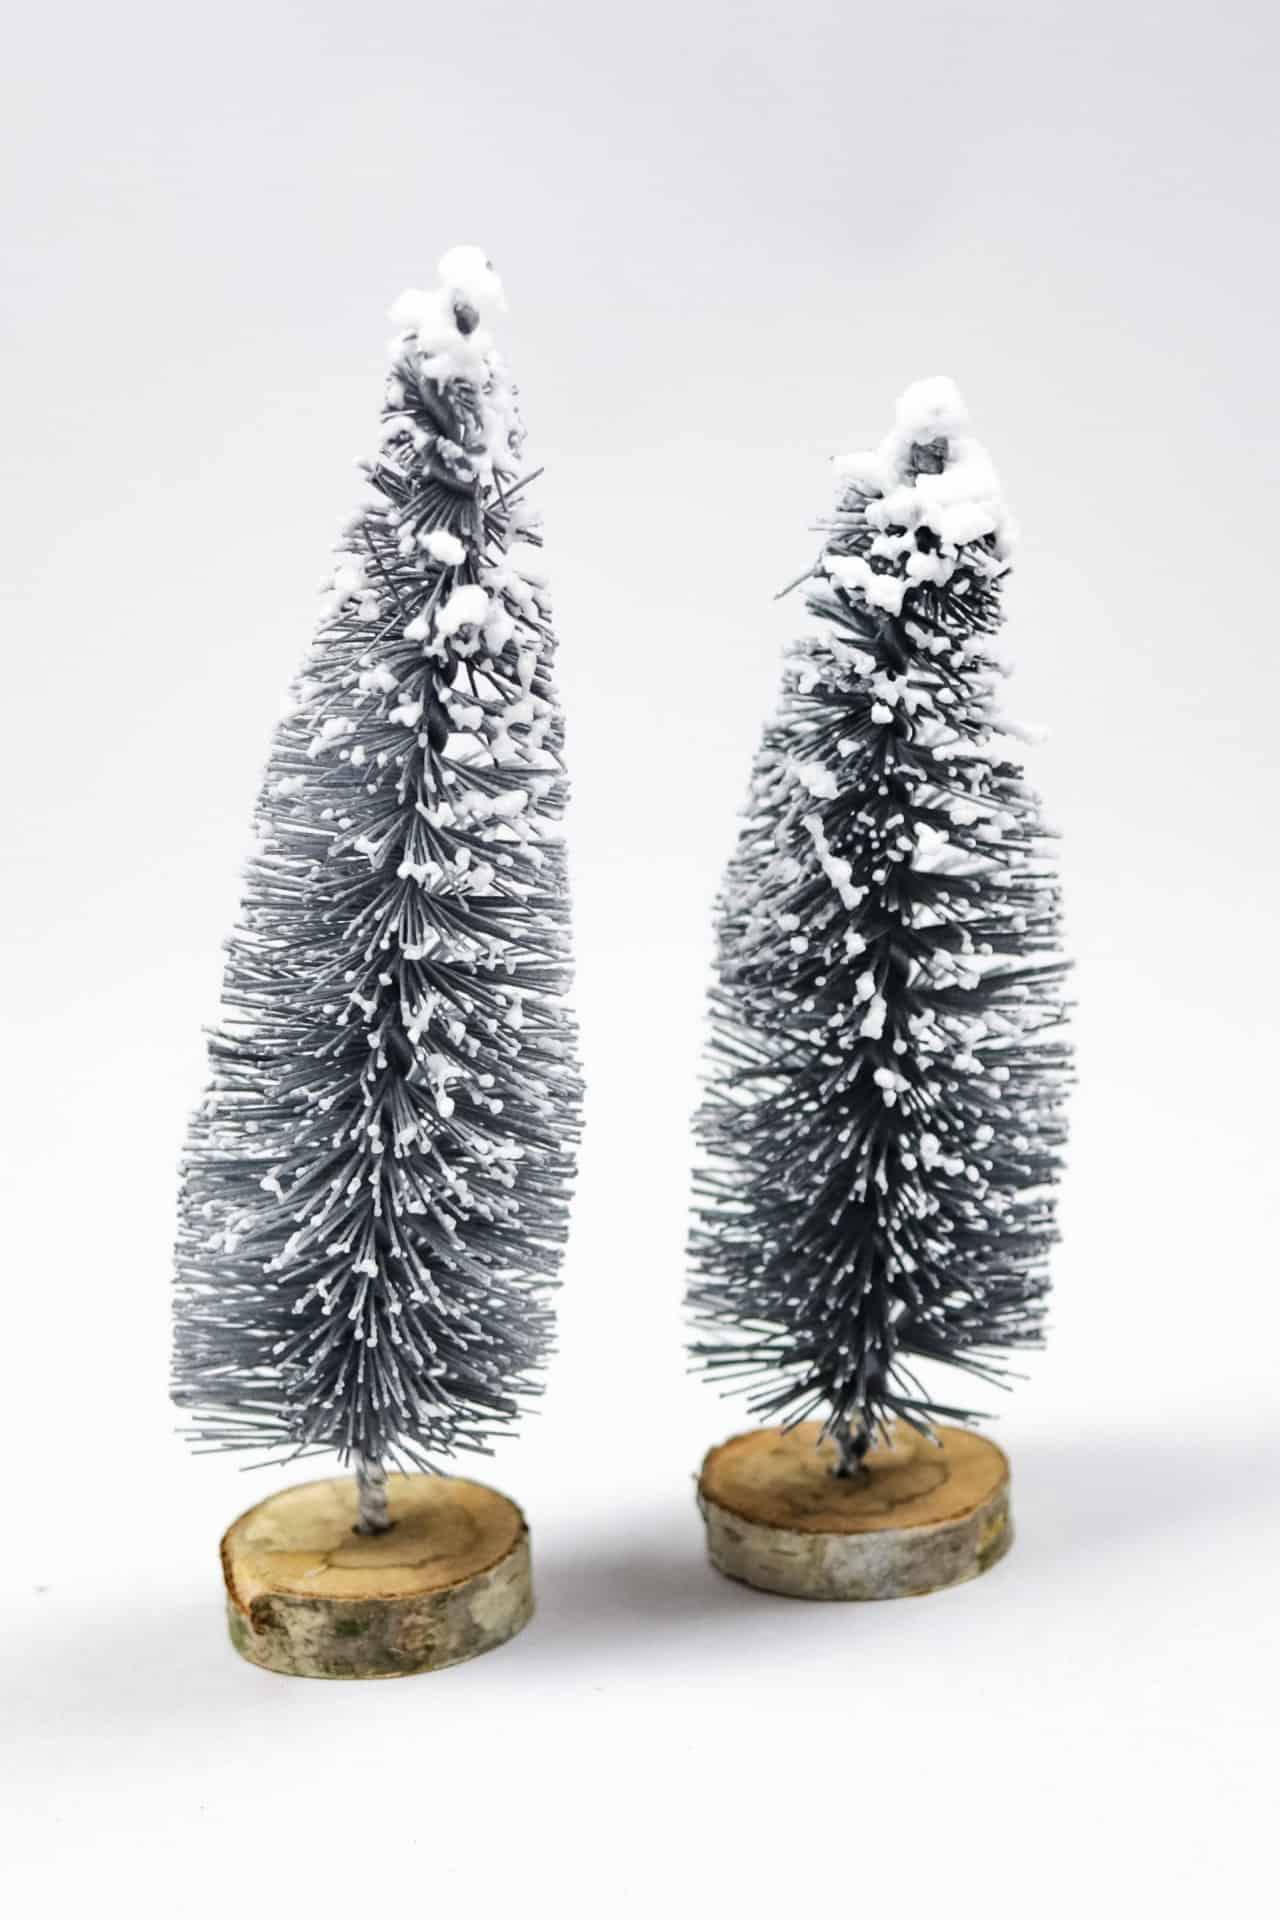 DIY Weihnachtsbaum aus Flaschenbürsten - Schritt 6   textilsucht.de